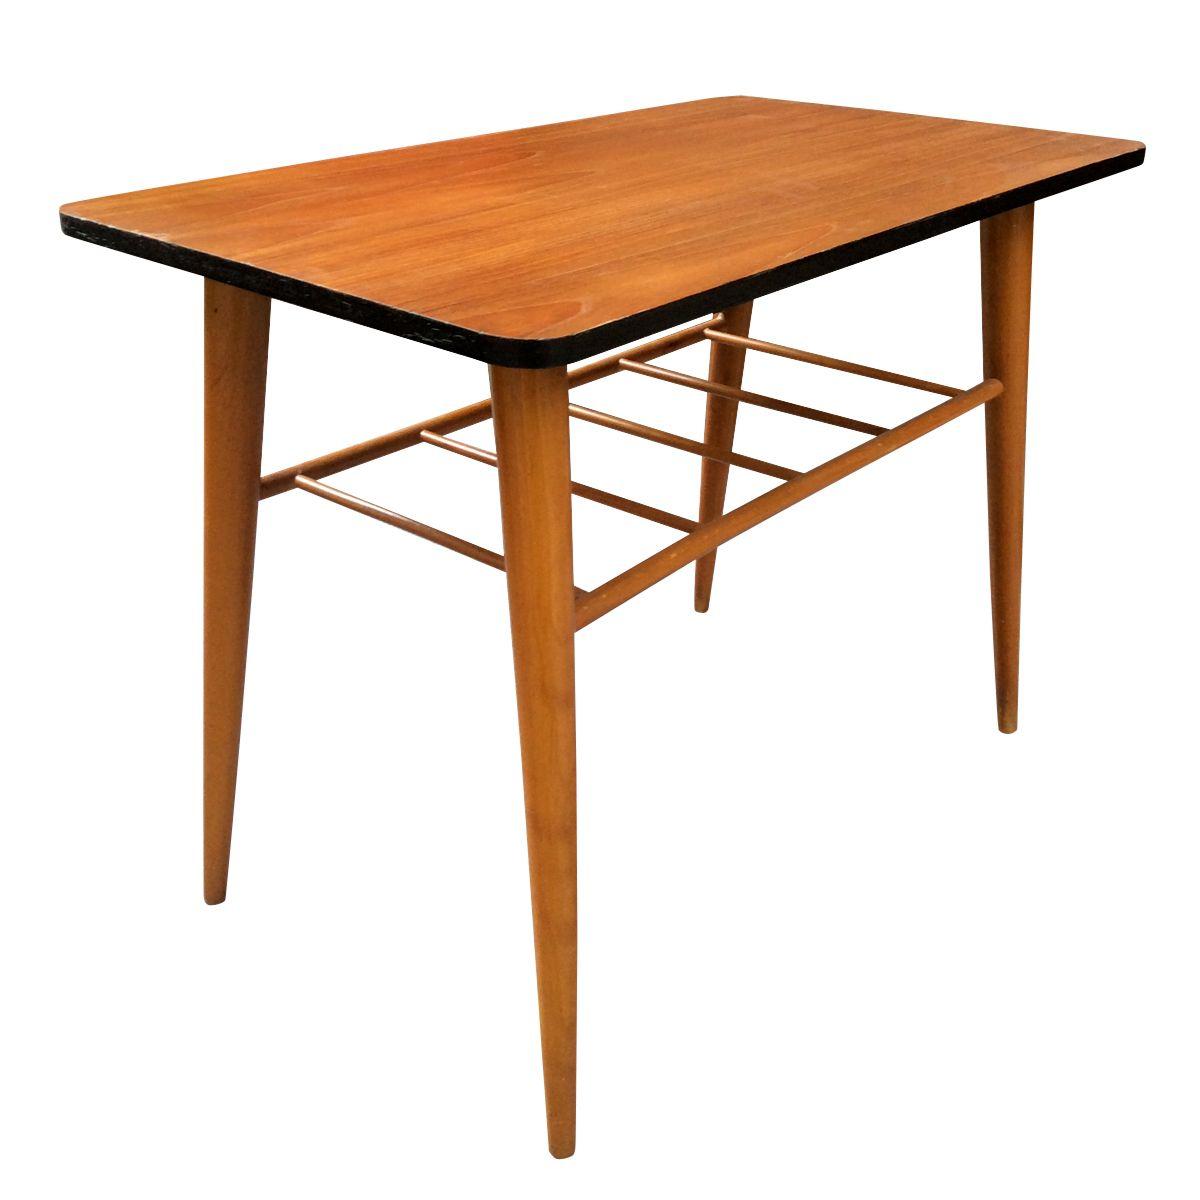 schwedischer teak beistelltisch 1960er bei pamono kaufen. Black Bedroom Furniture Sets. Home Design Ideas